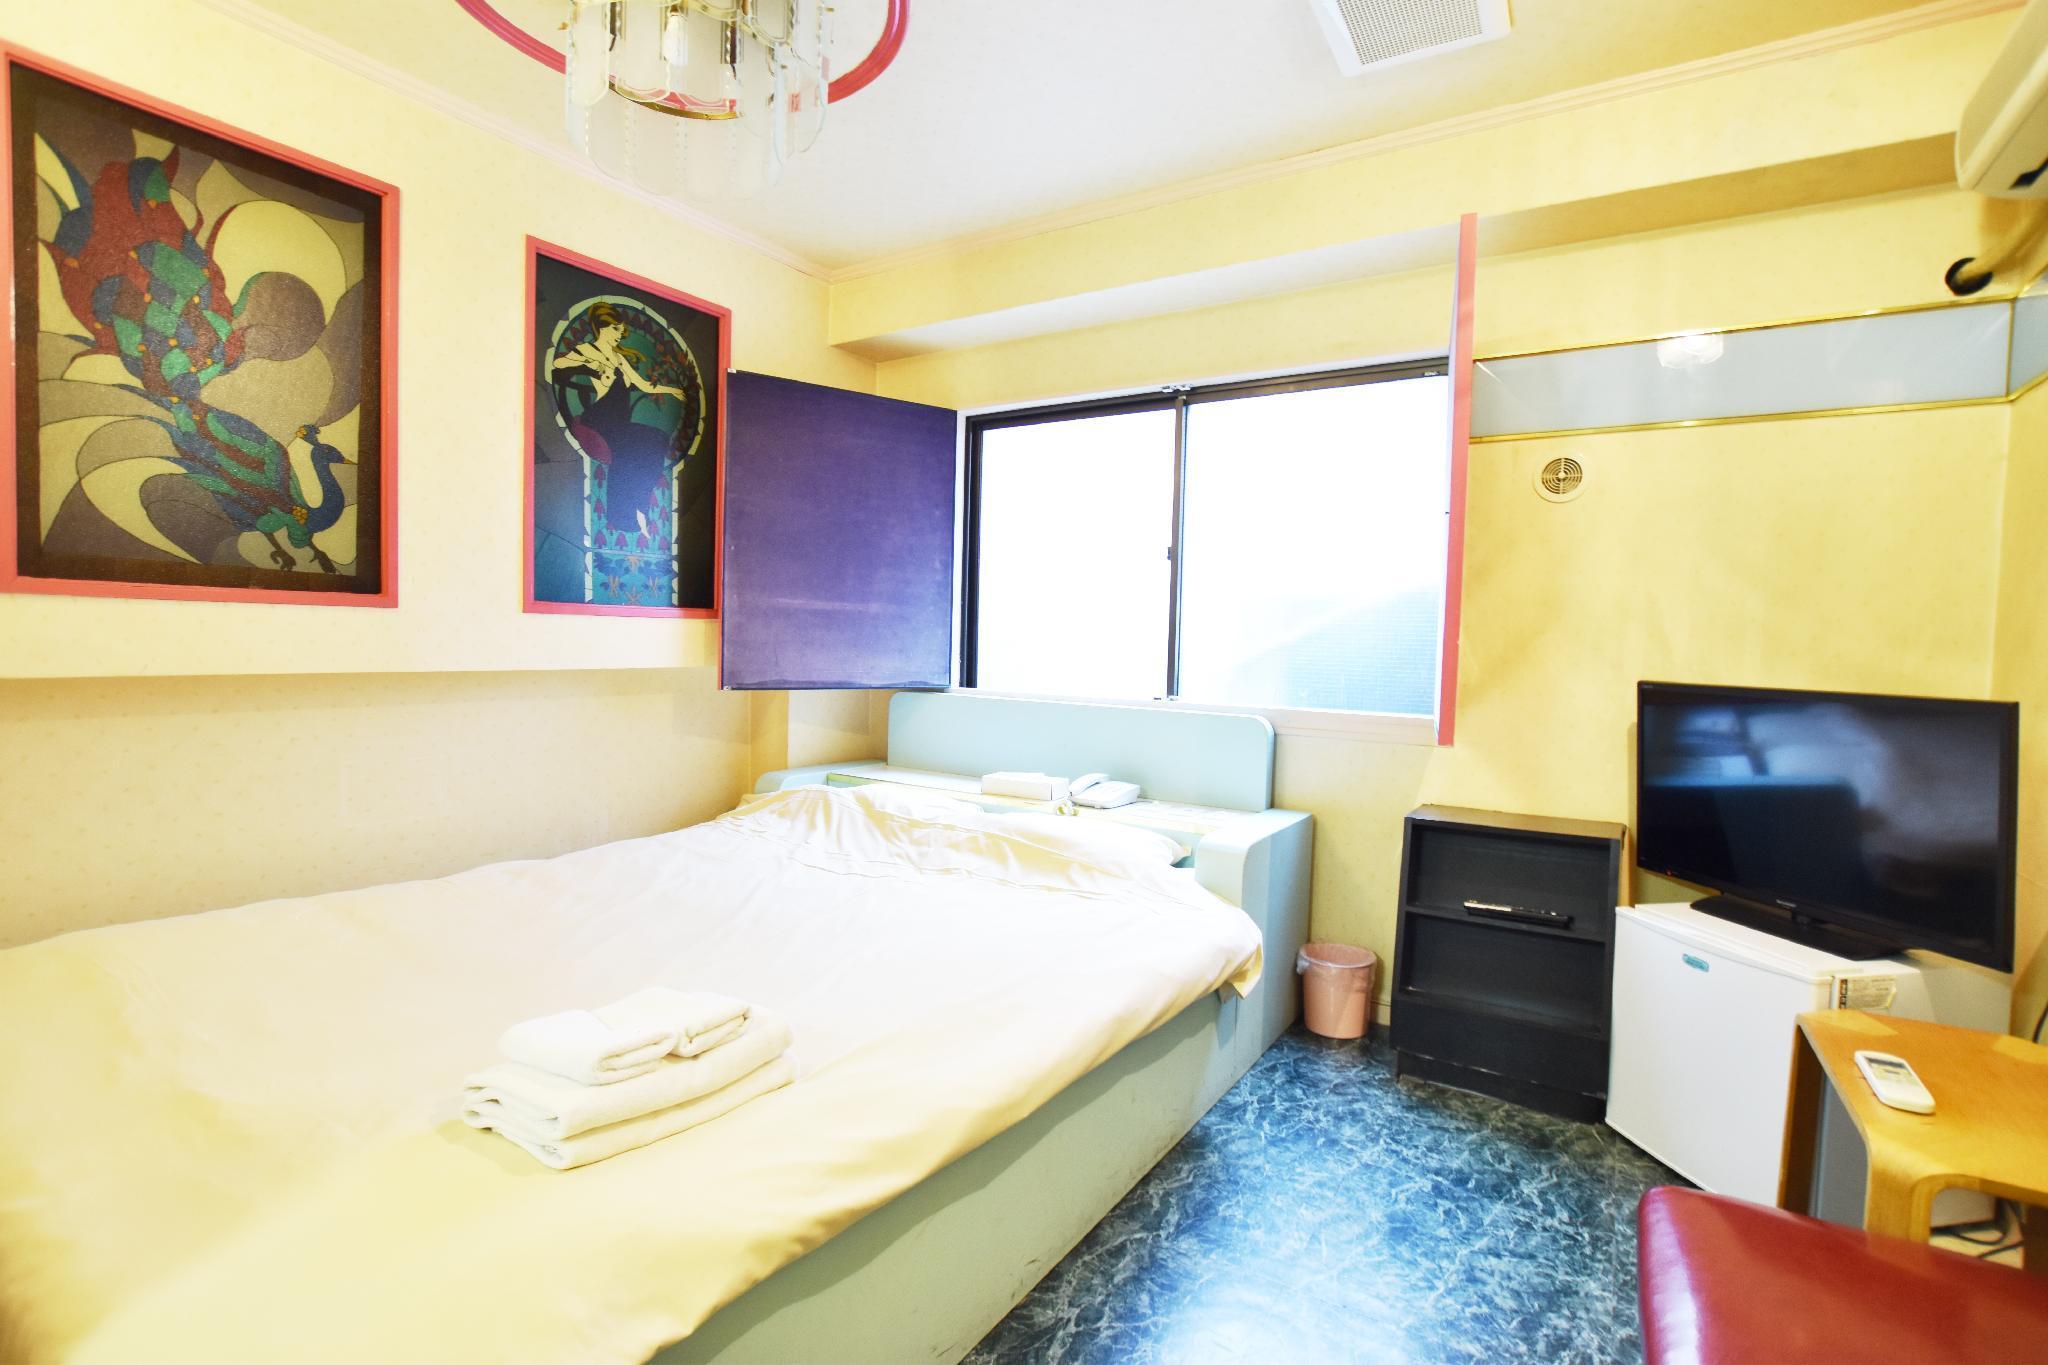 103 HOTEL 1R 5min Walk JR IKEBUKURO STA